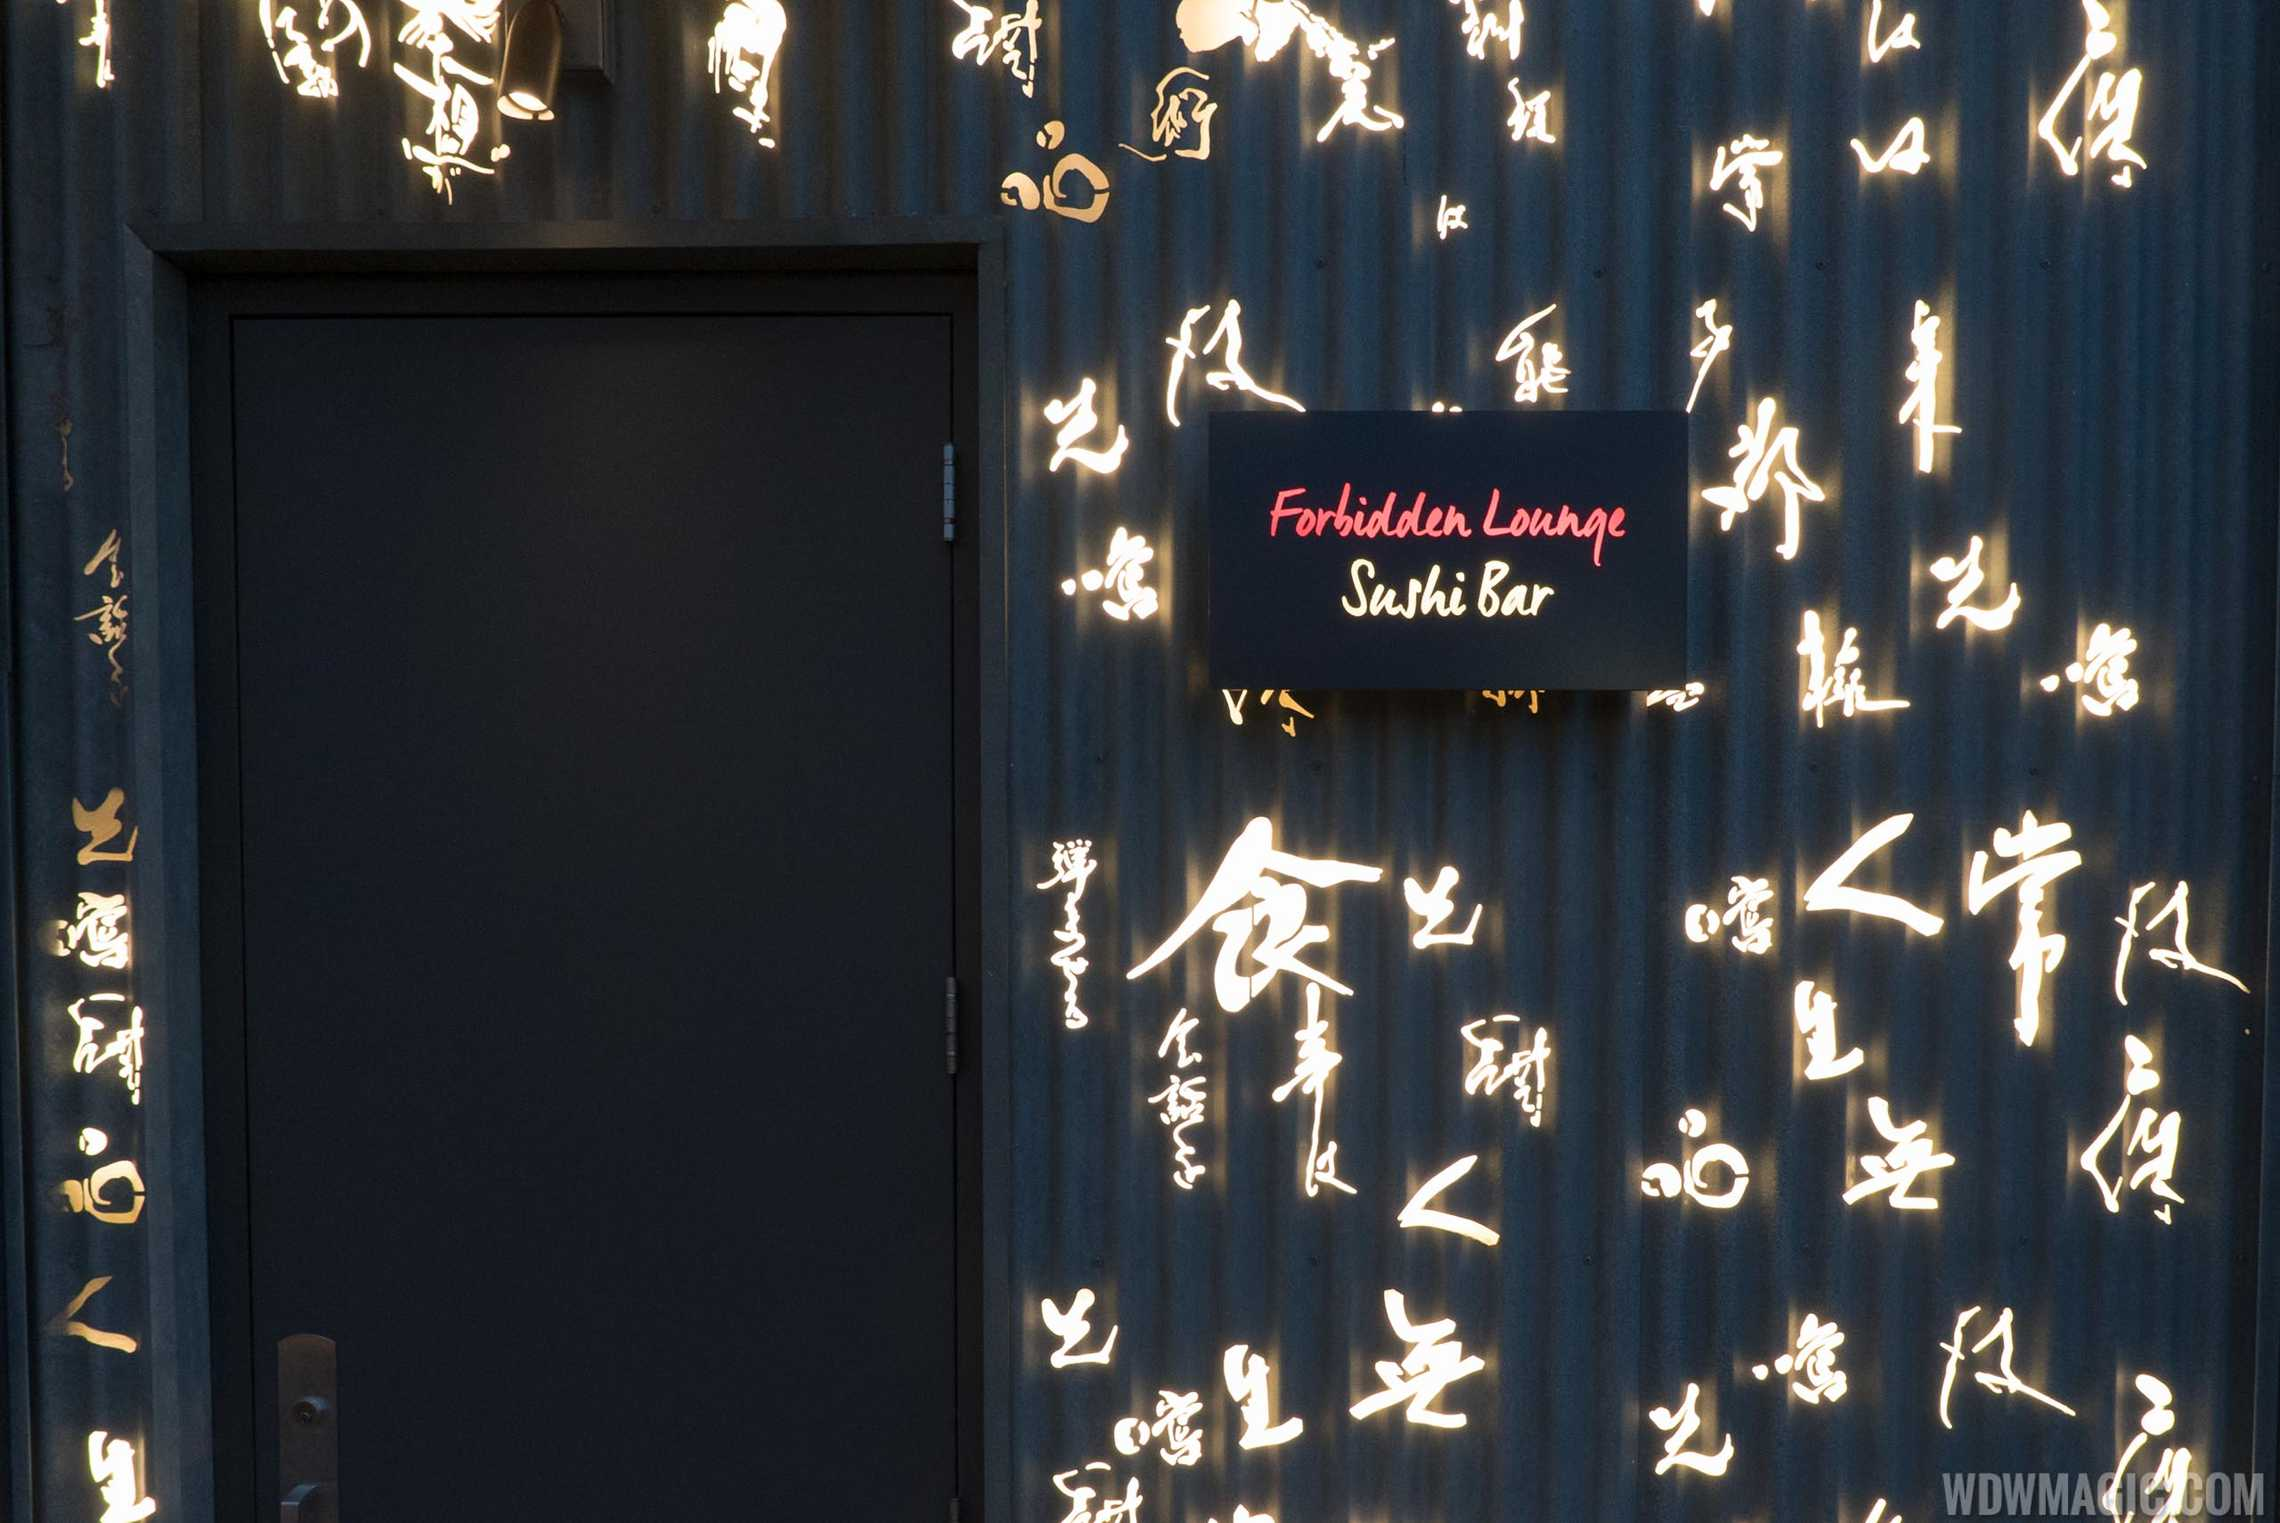 Morimoto Asia - Forbidden Lounge entrance